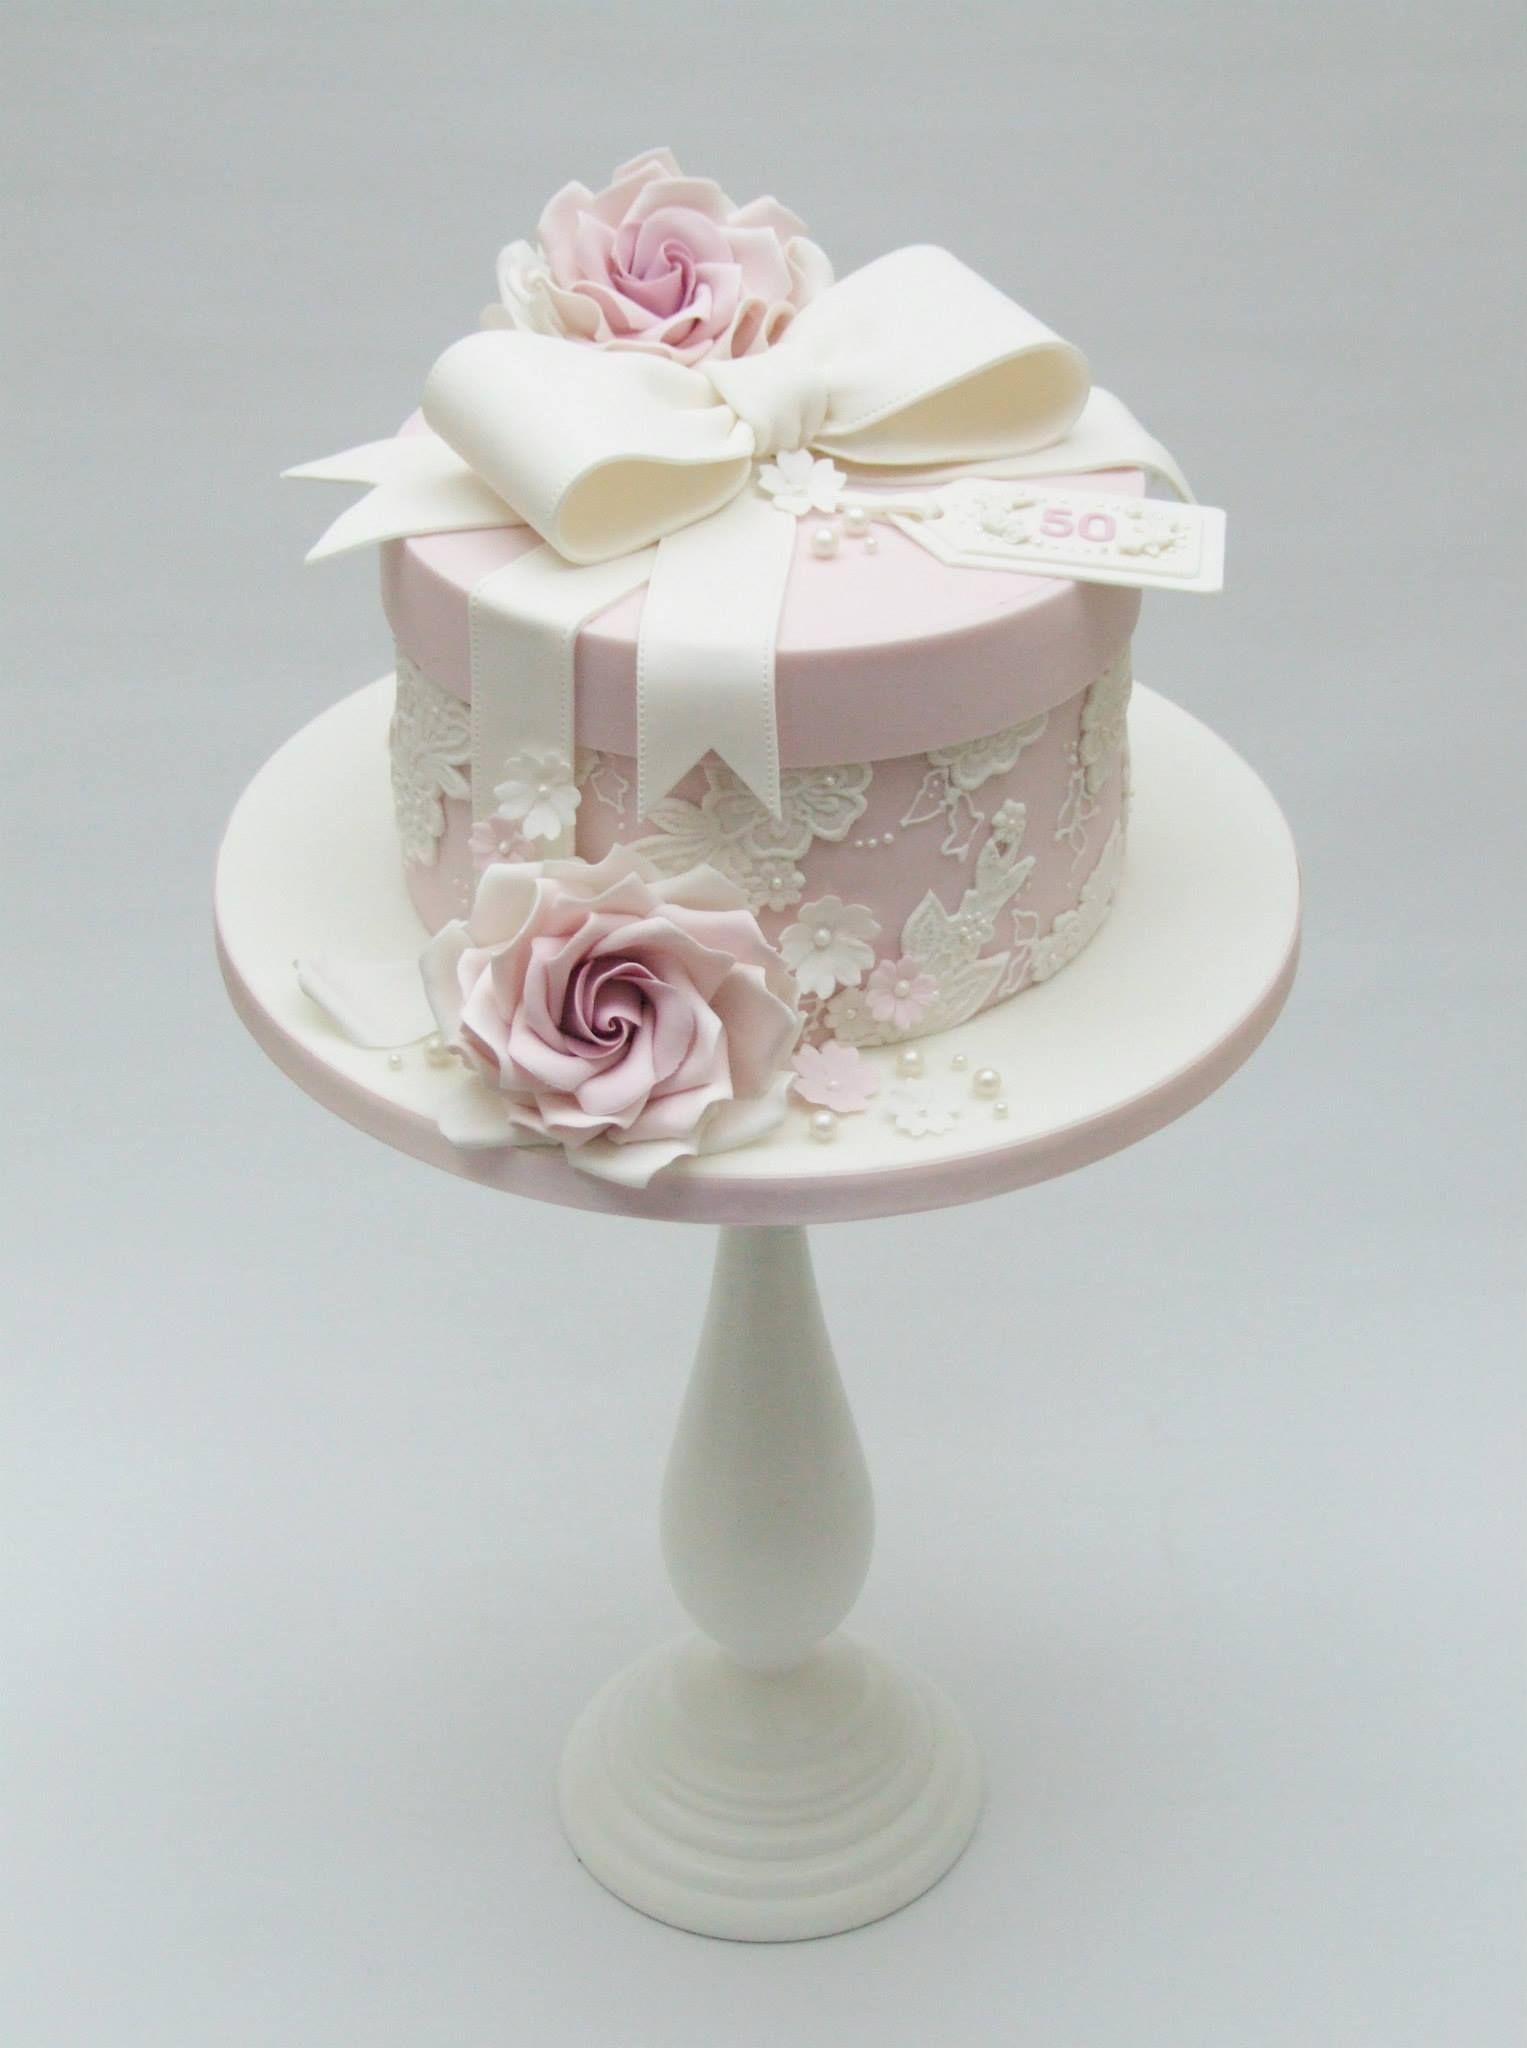 Emma Jayne Cake Design | FLORAL CAKES | Cakes | Pinterest | Floral ...